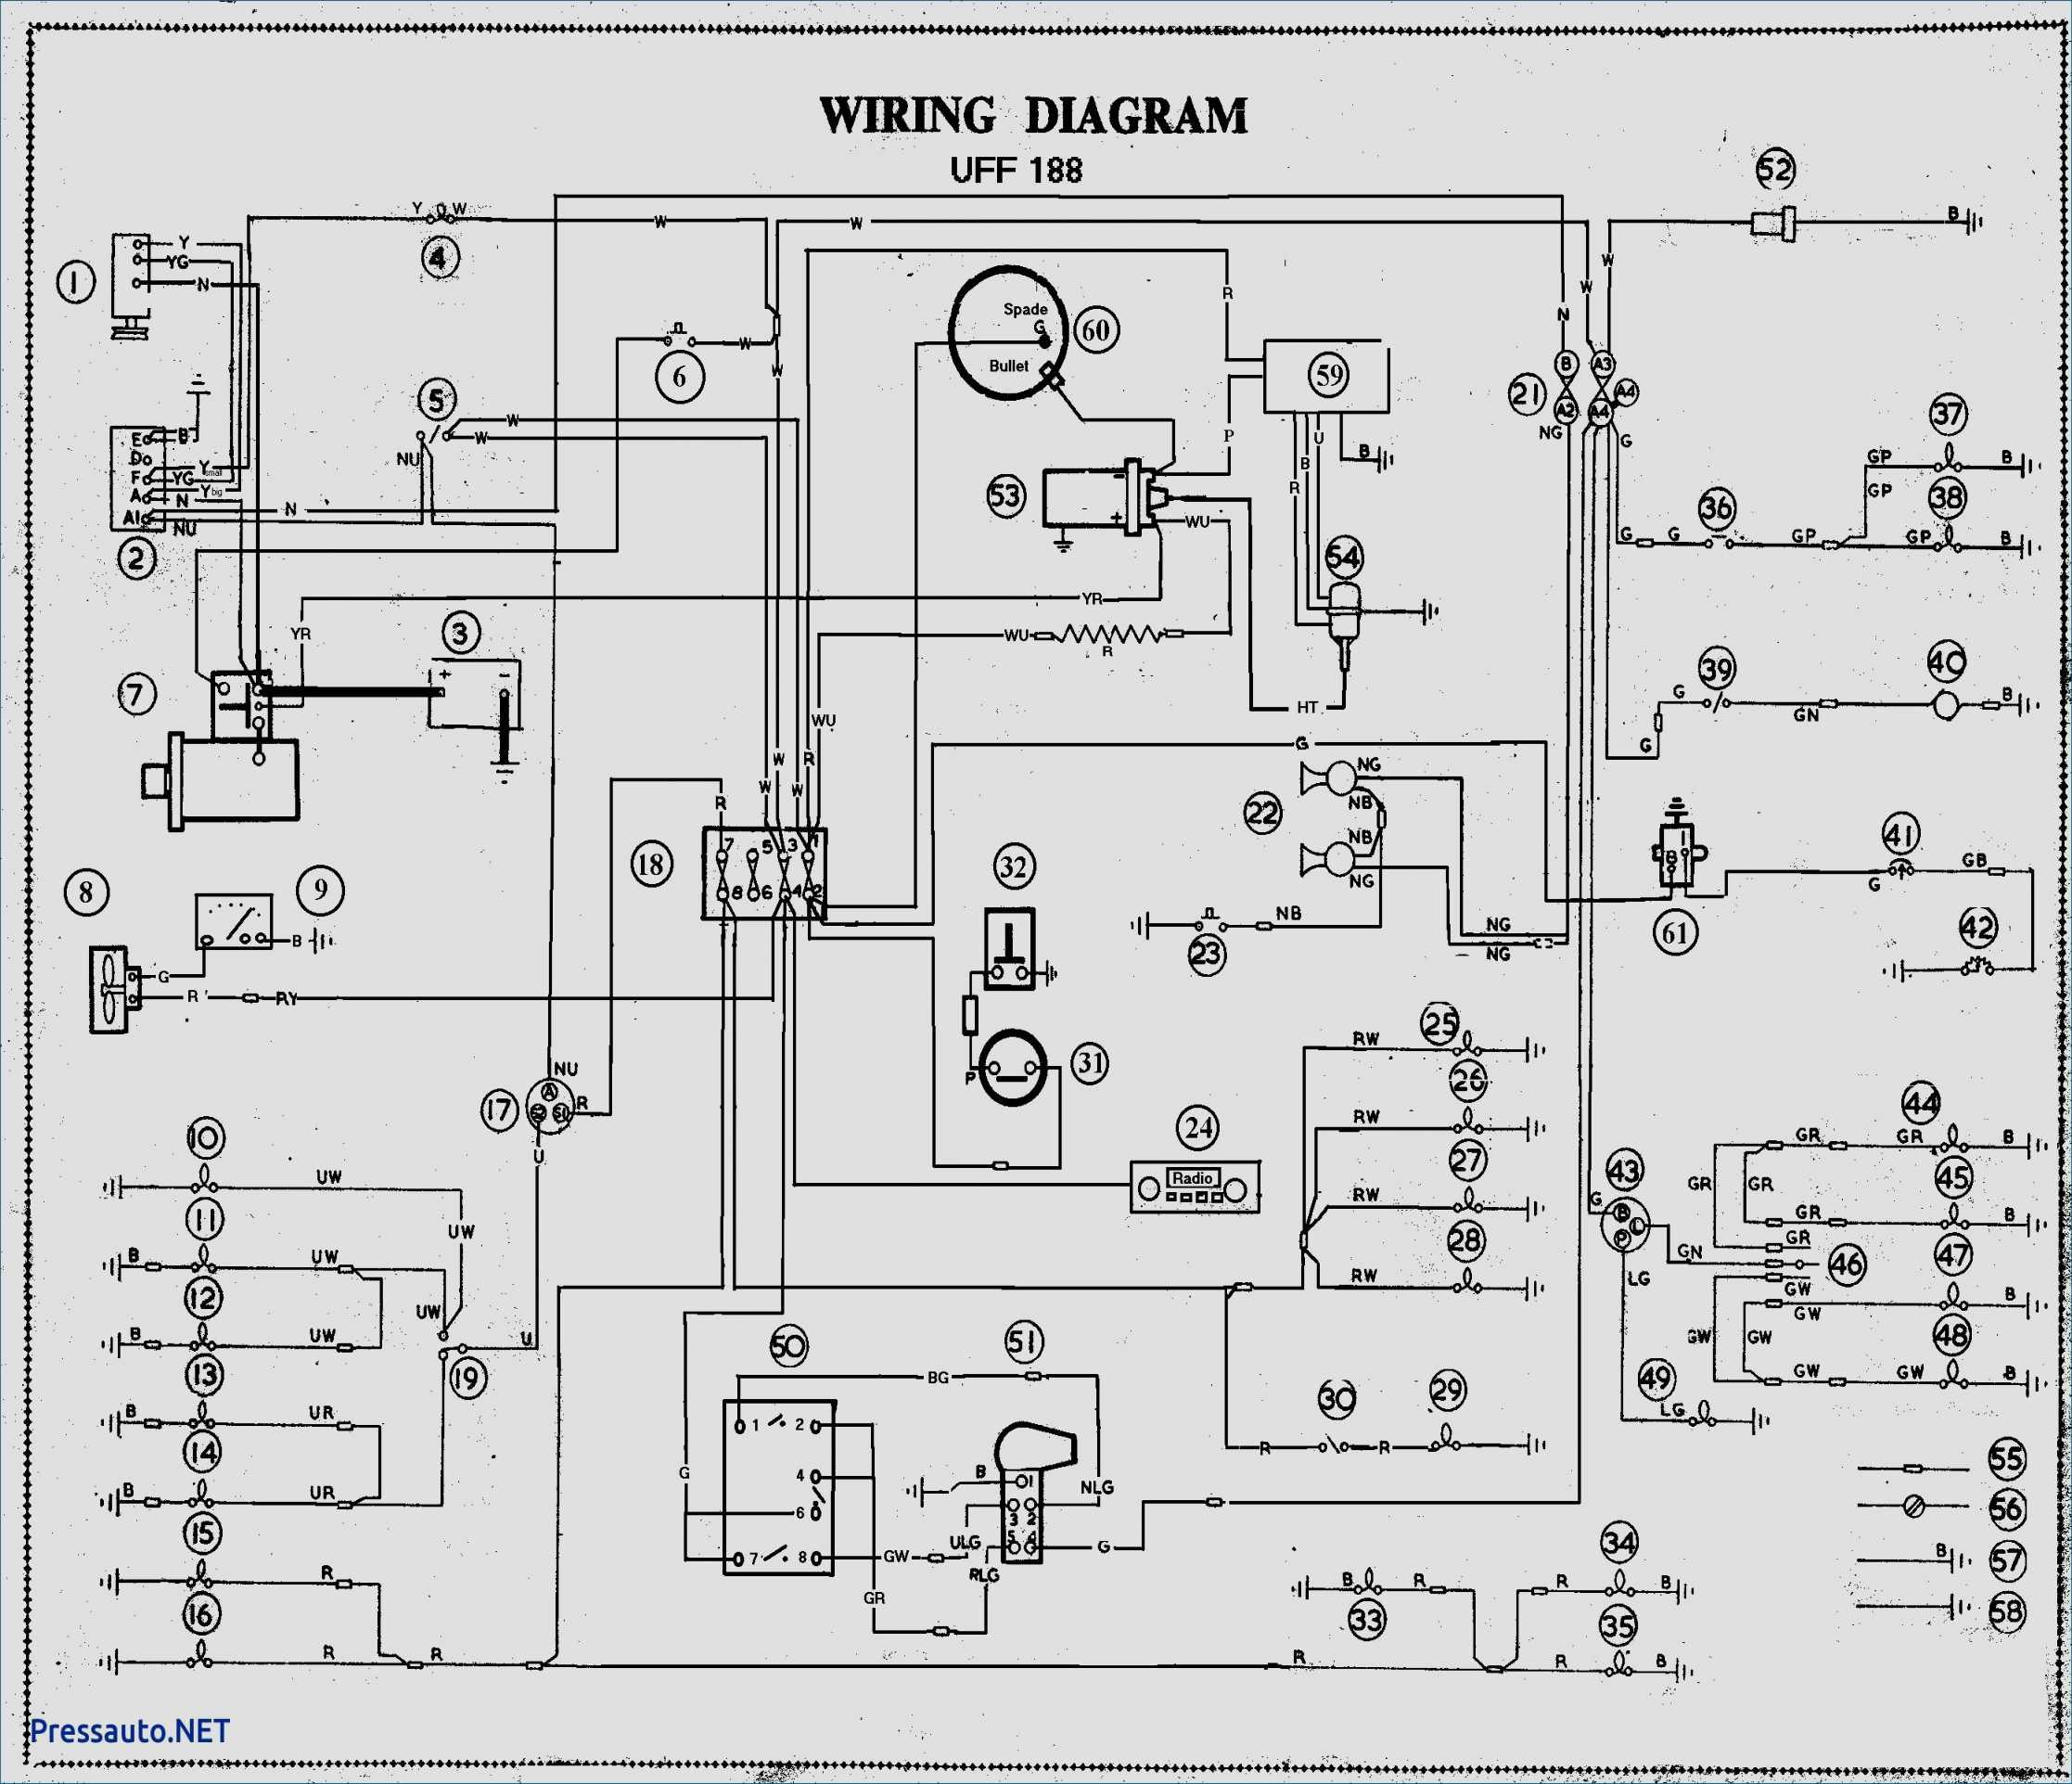 Panther Pa720C Remote Start Wiring Diagrams - Free Wiring Diagram - Bulldog Remote Start Wiring Diagram